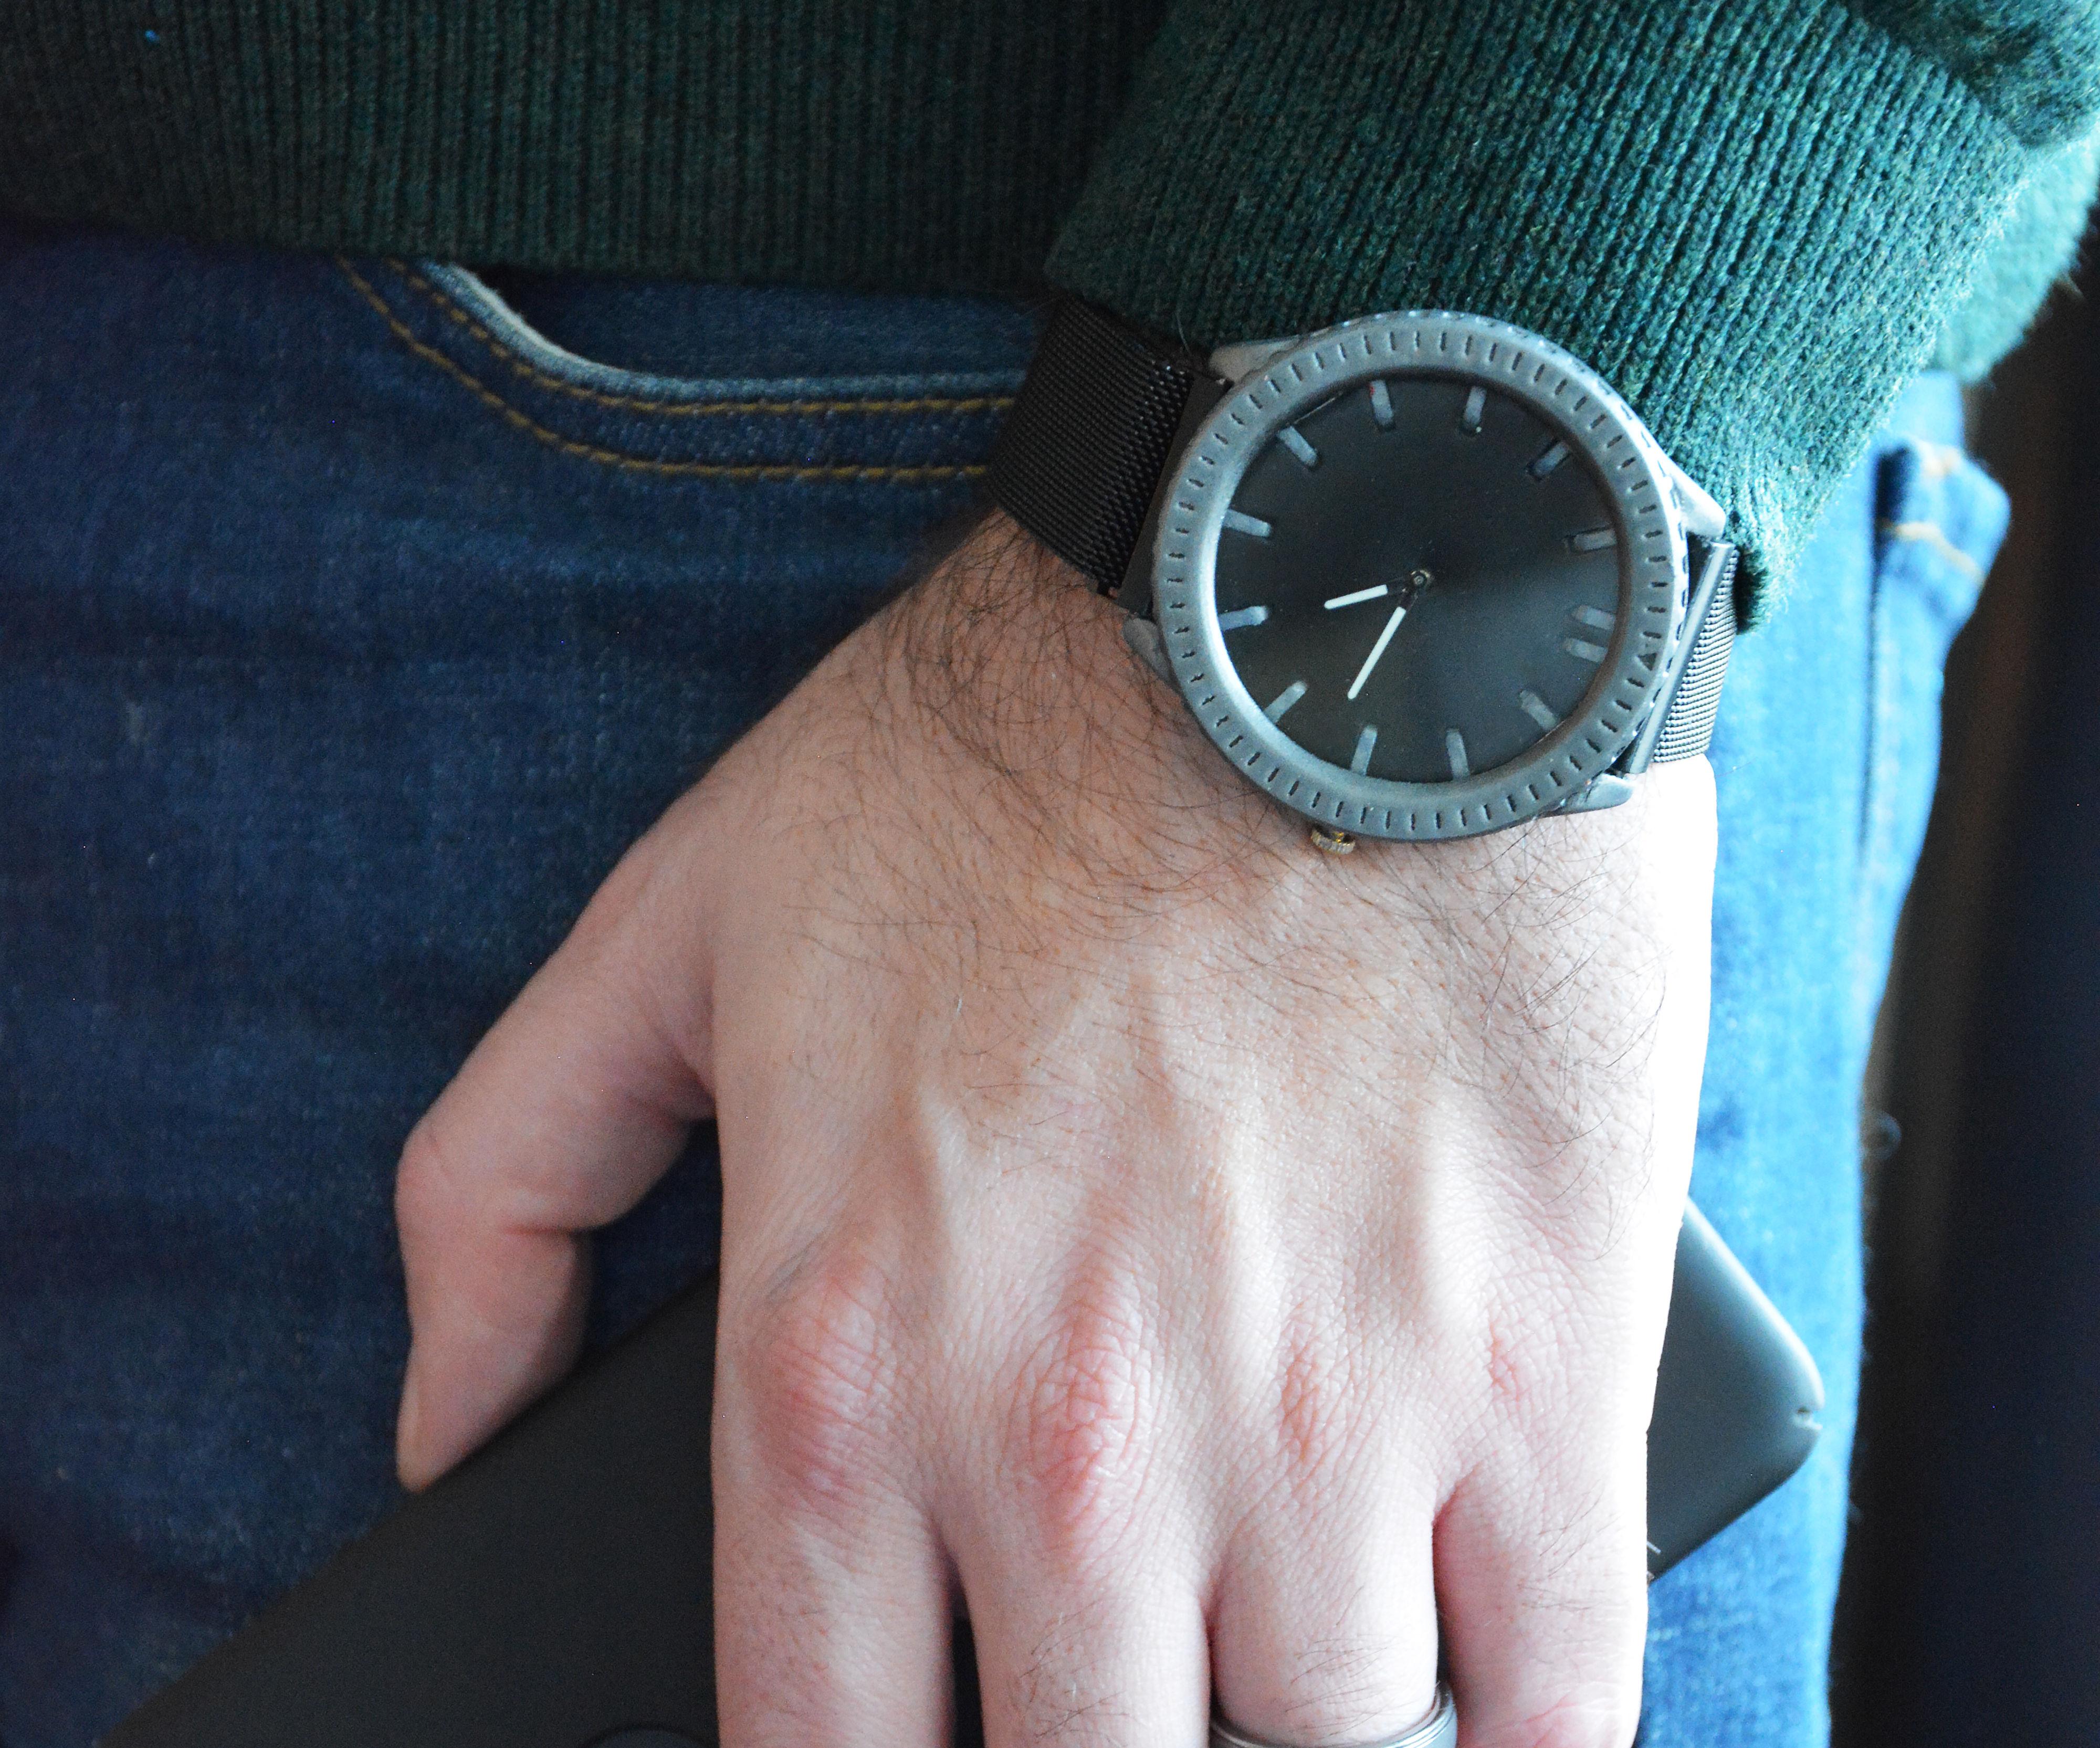 Modular Wristwatch - 3D Printing Build